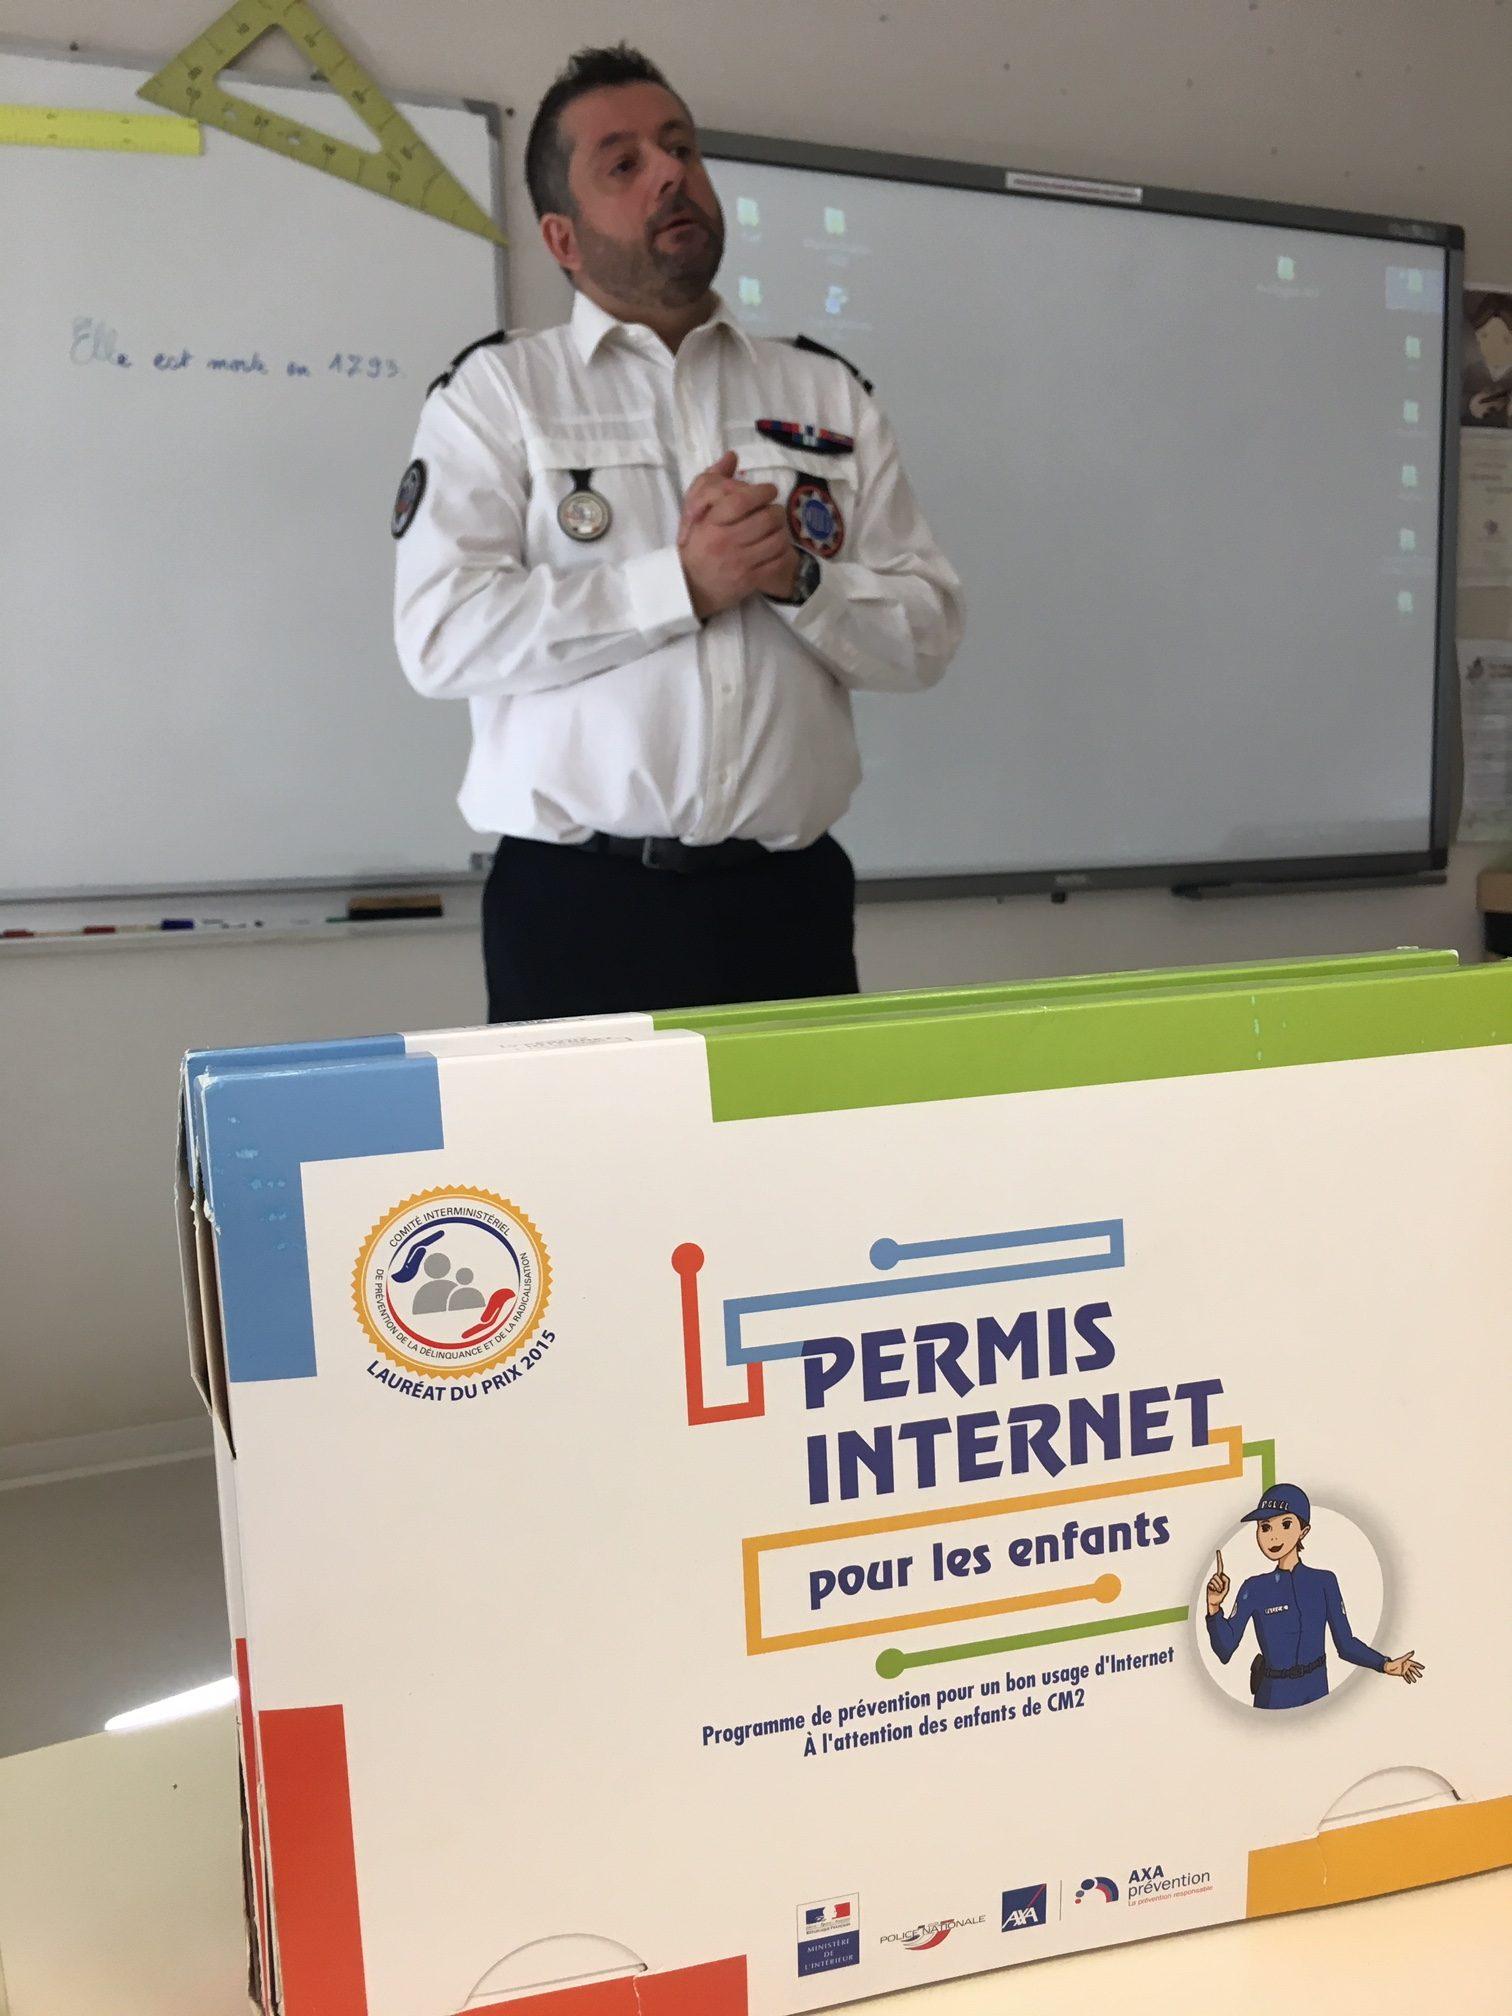 Le permis Internet à l'école